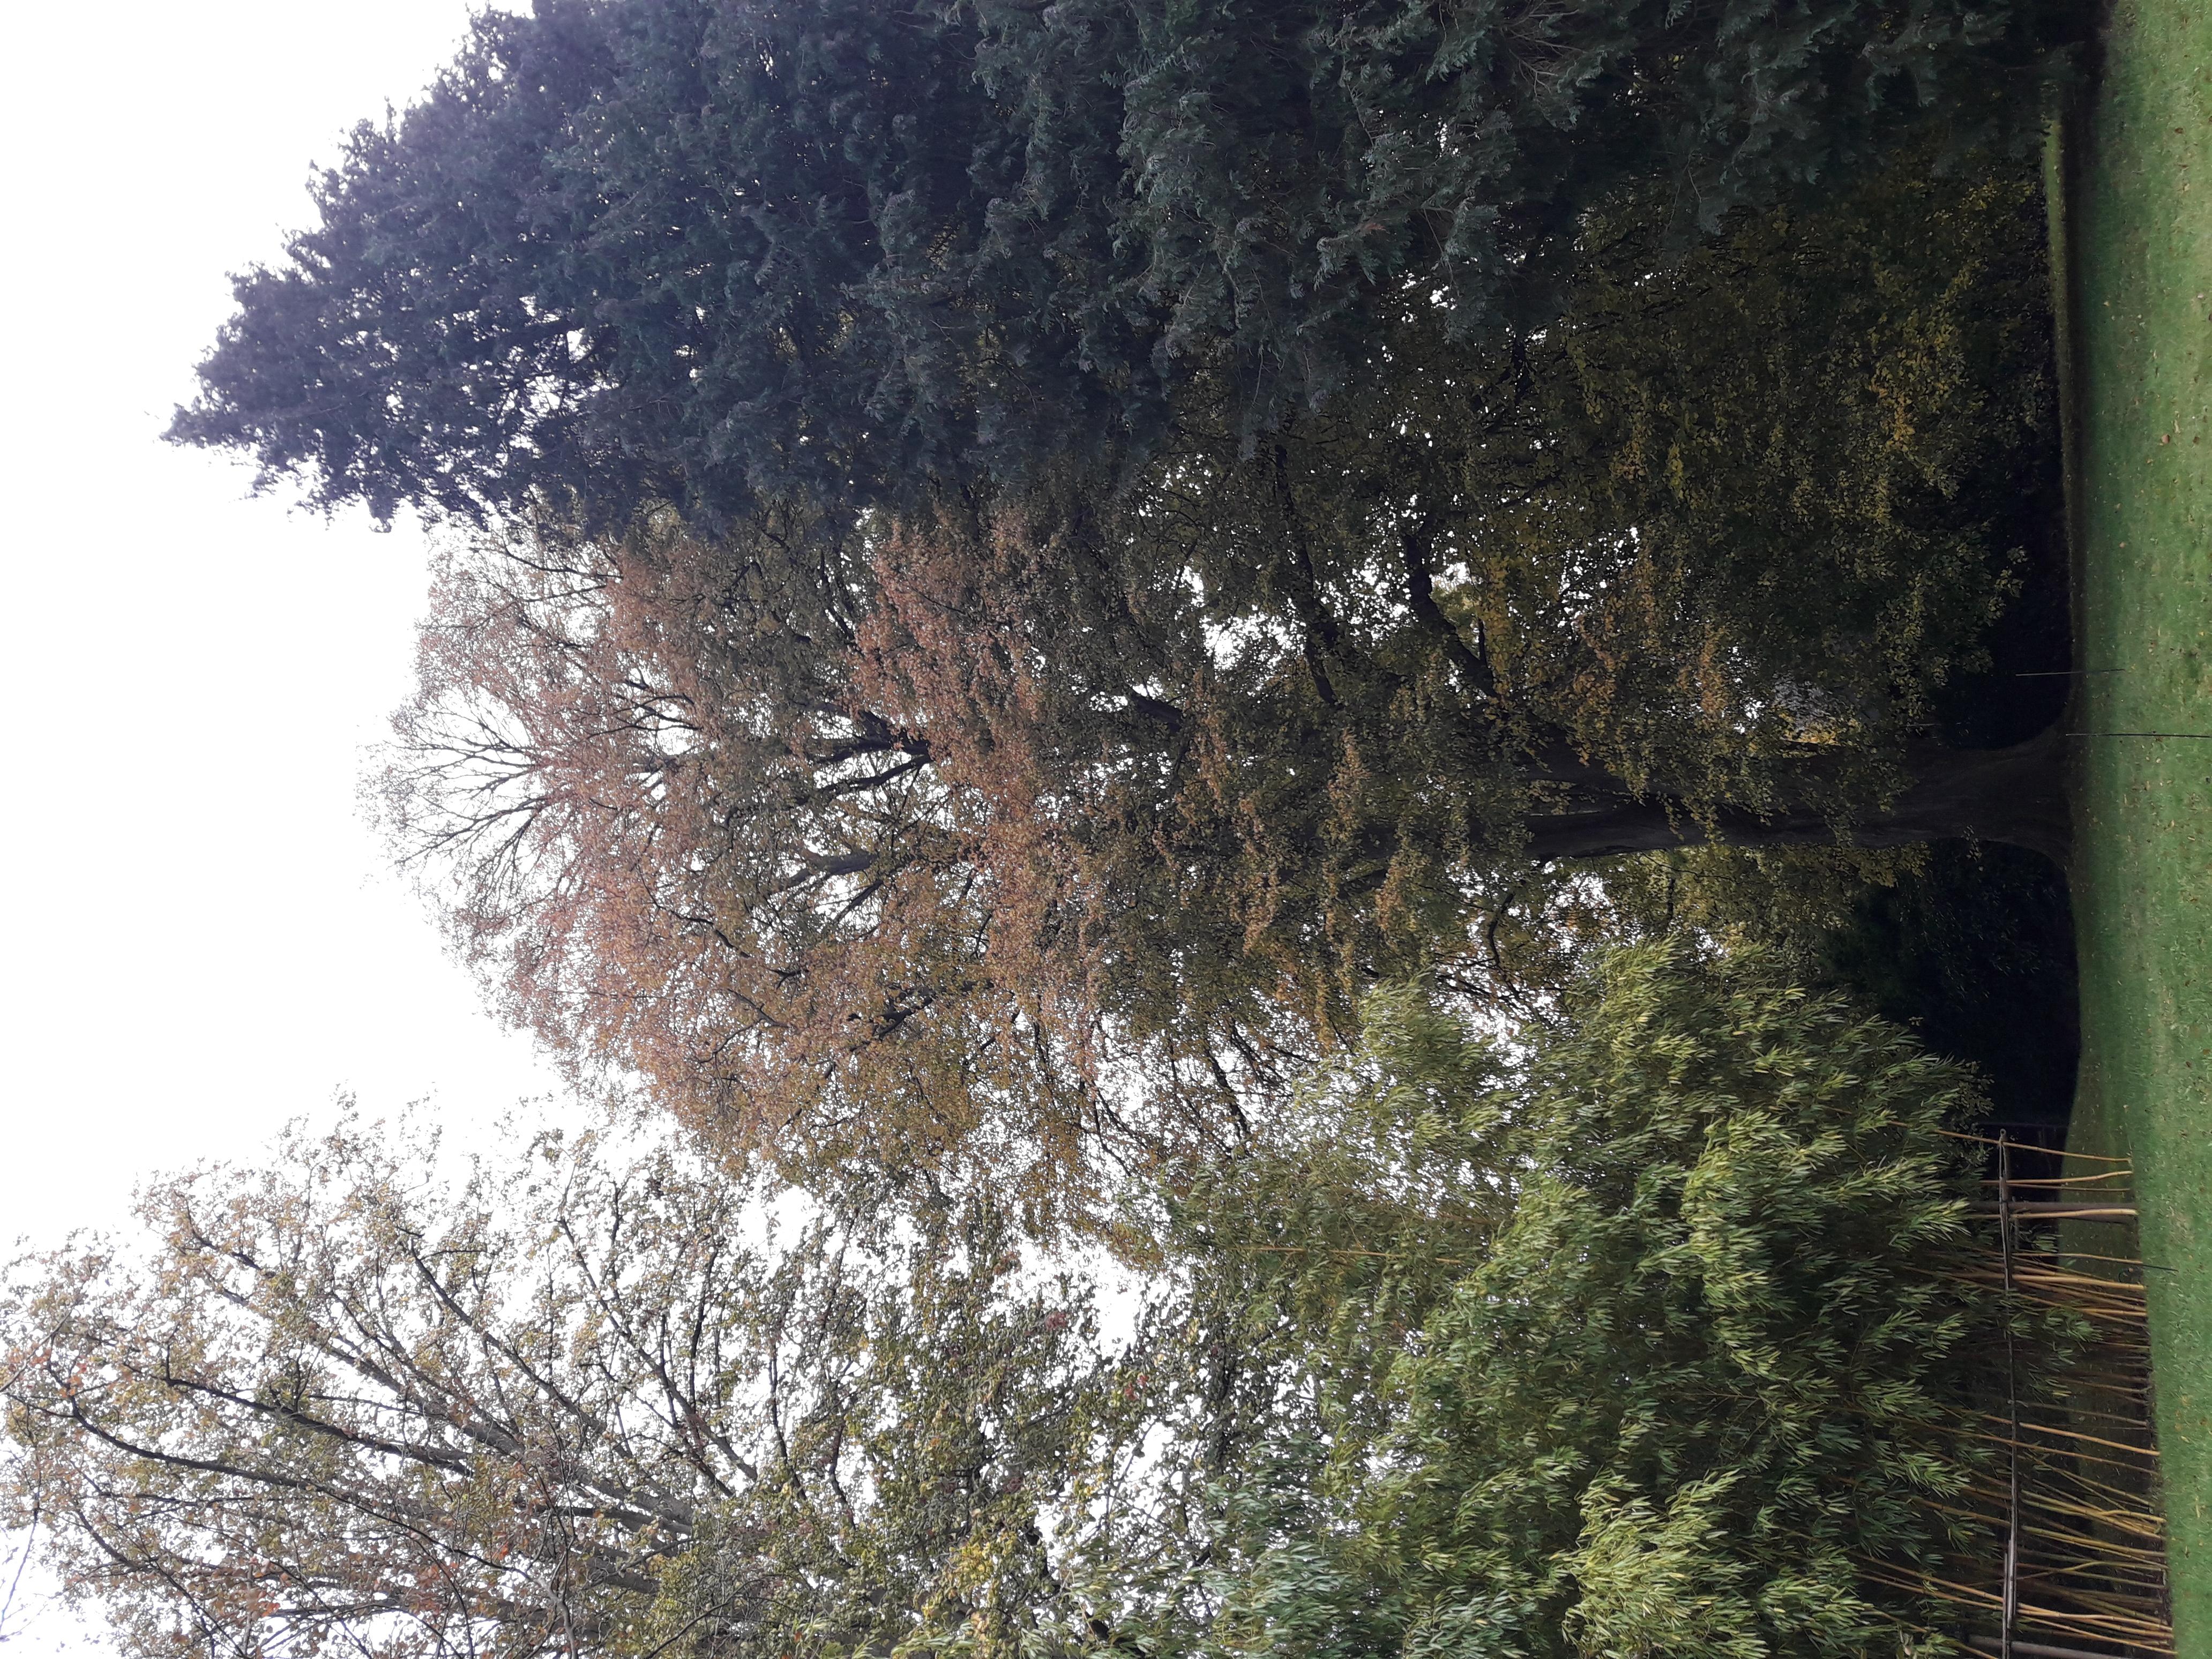 Tilleul argenté pleureur – Uccle, Avenue des Sorbiers, 1 –  26 Octobre 2020